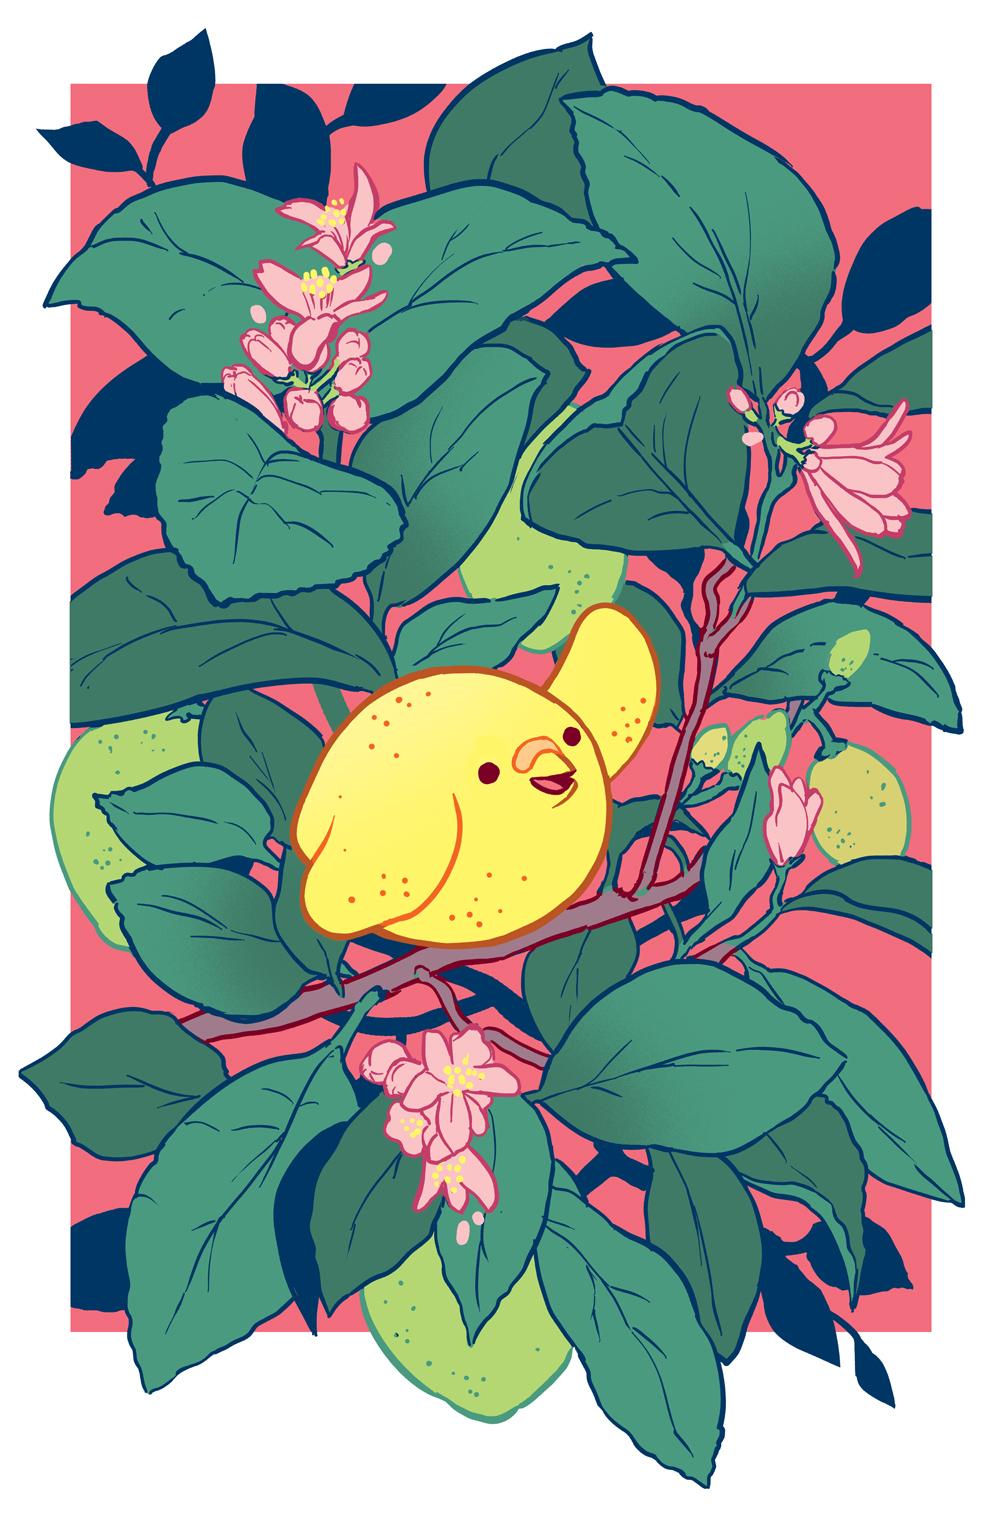 lemon_bird_cover3v2_nologo.jpg